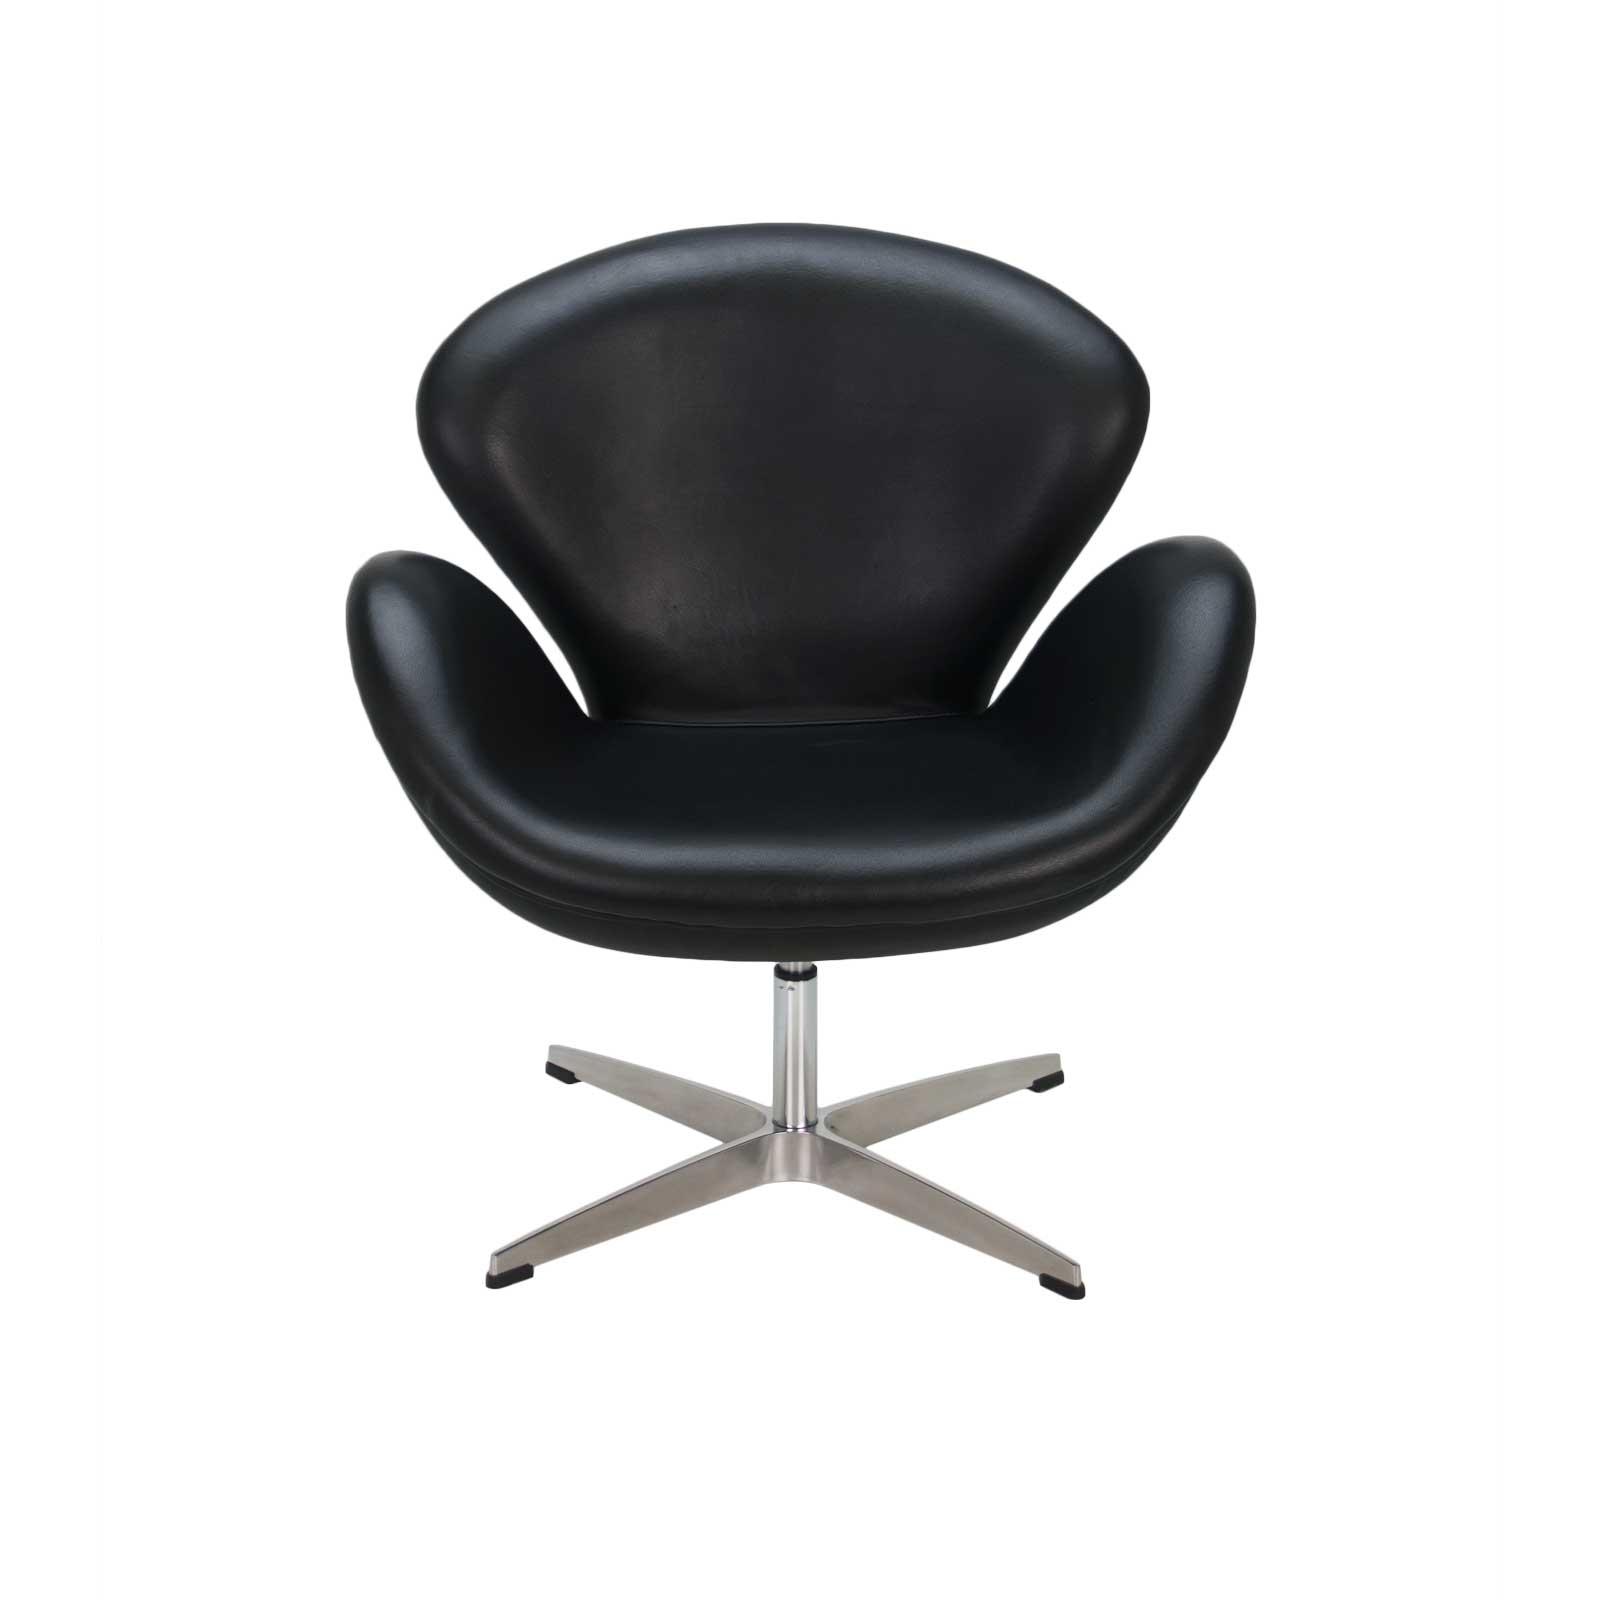 arne jacobsen swan chair baby swing youtube black formdecor